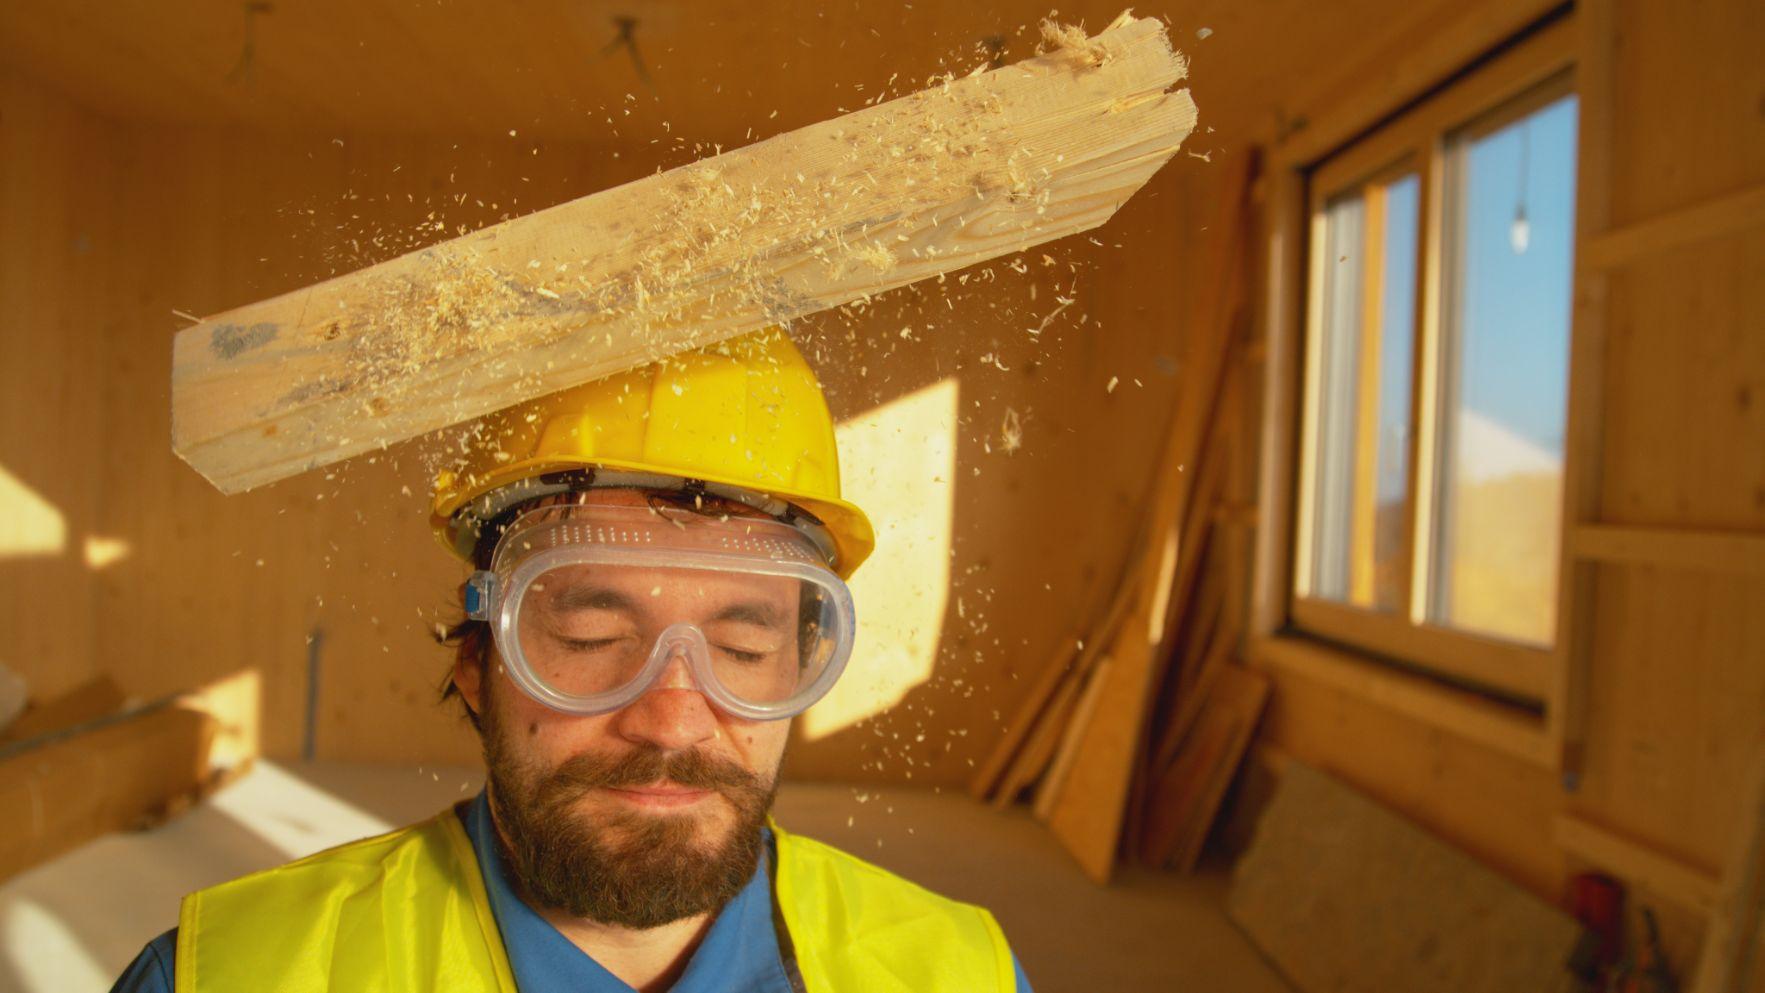 Madera cayendo en casco de seguridad de trabajador de construcción.